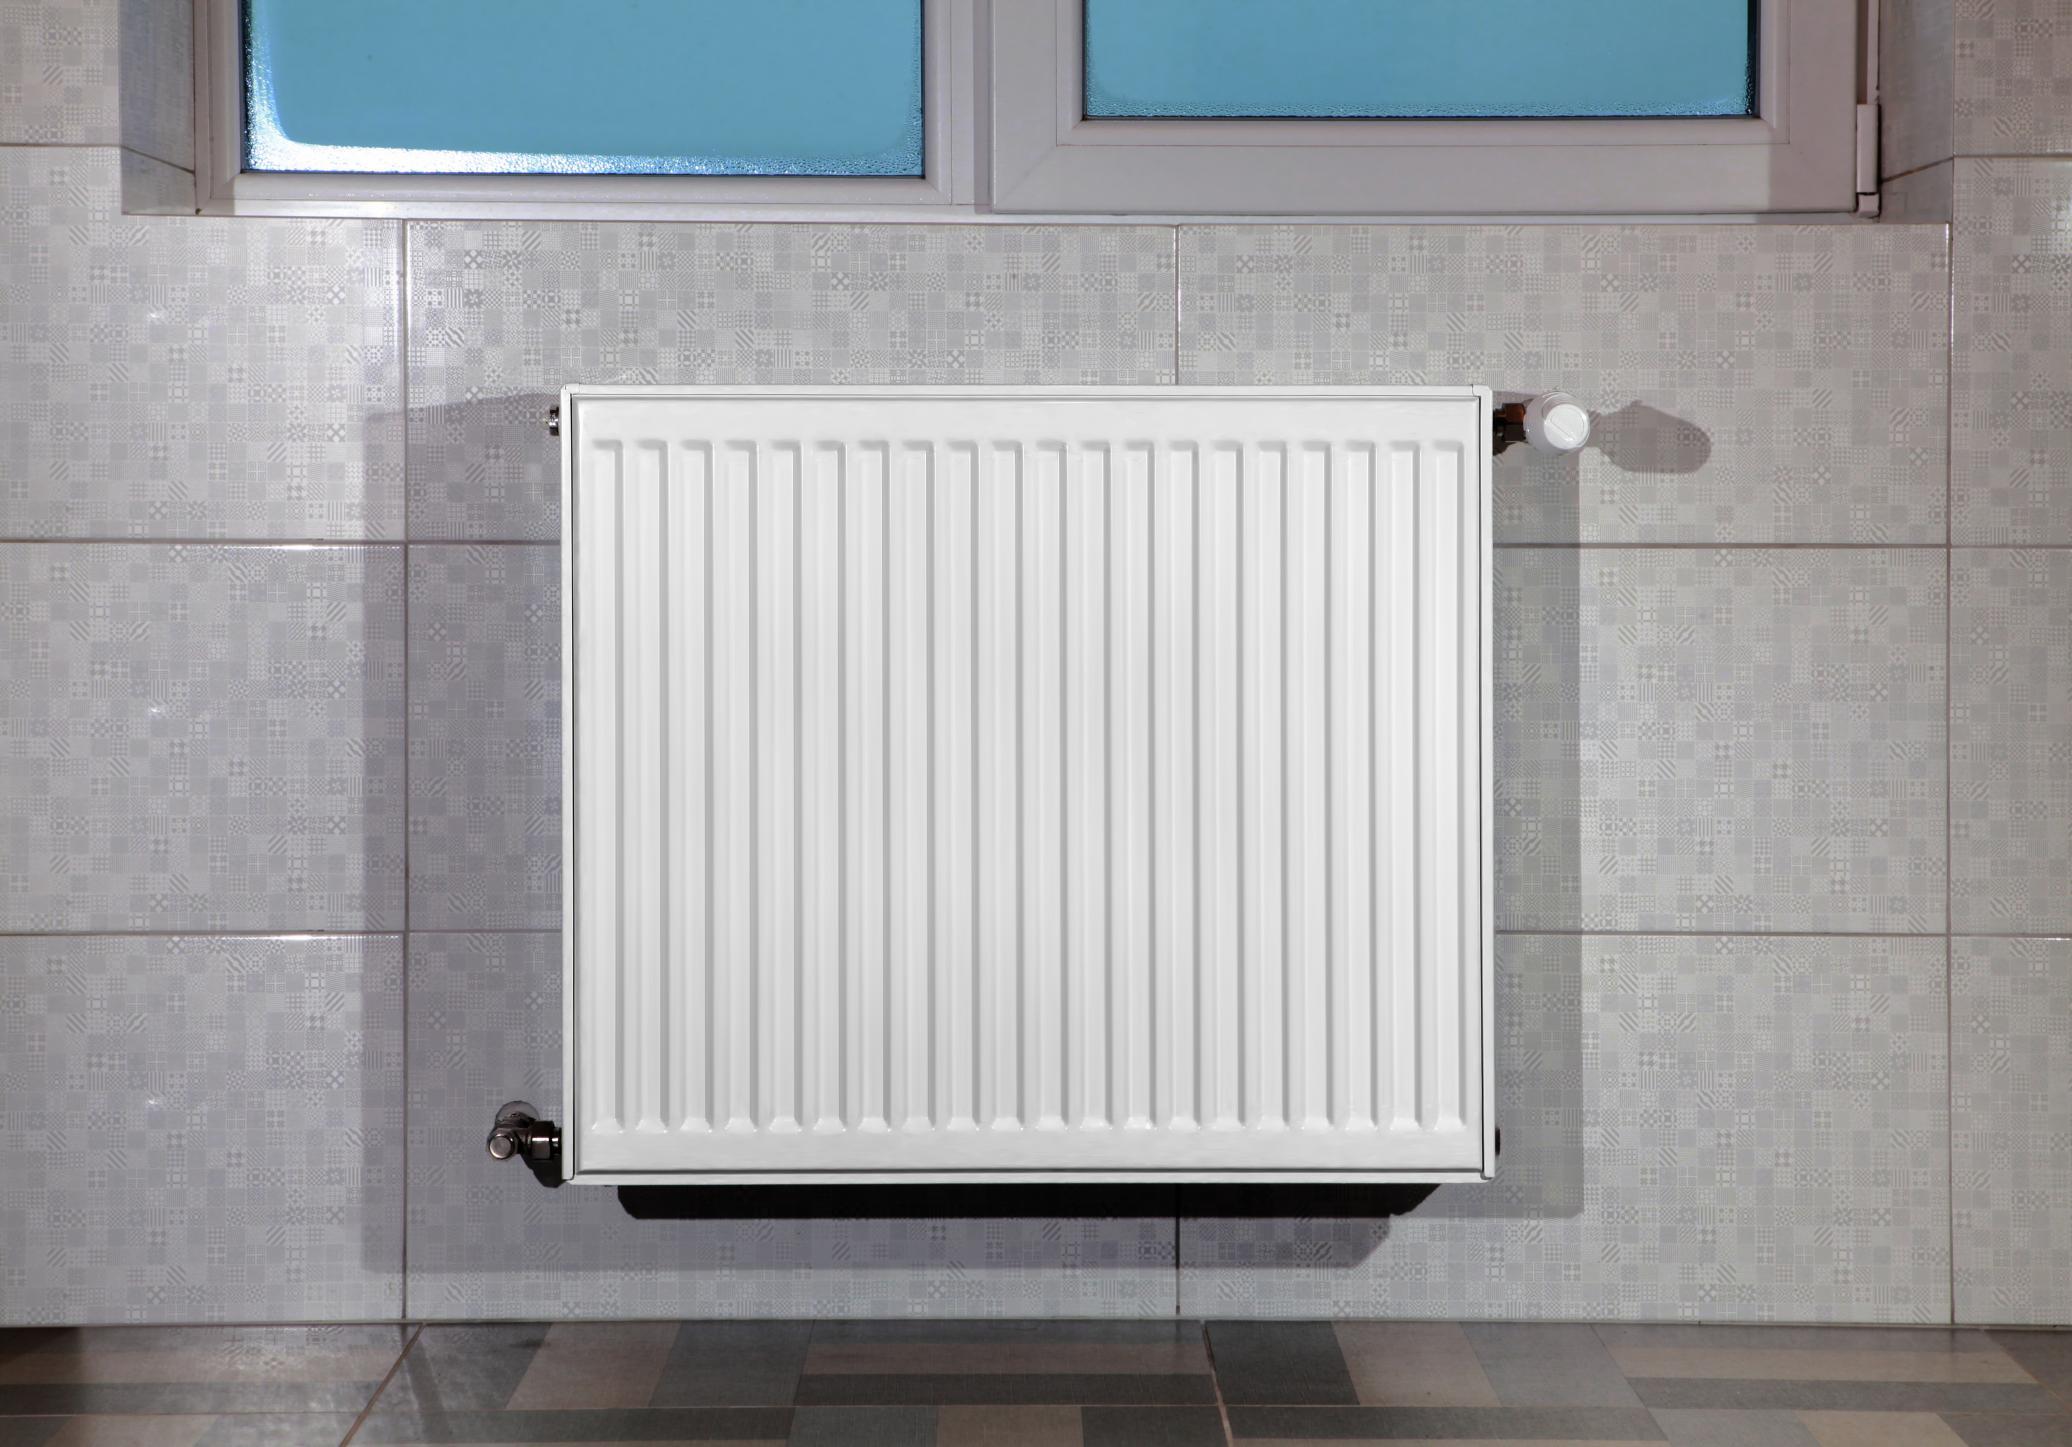 Sudbury Heating